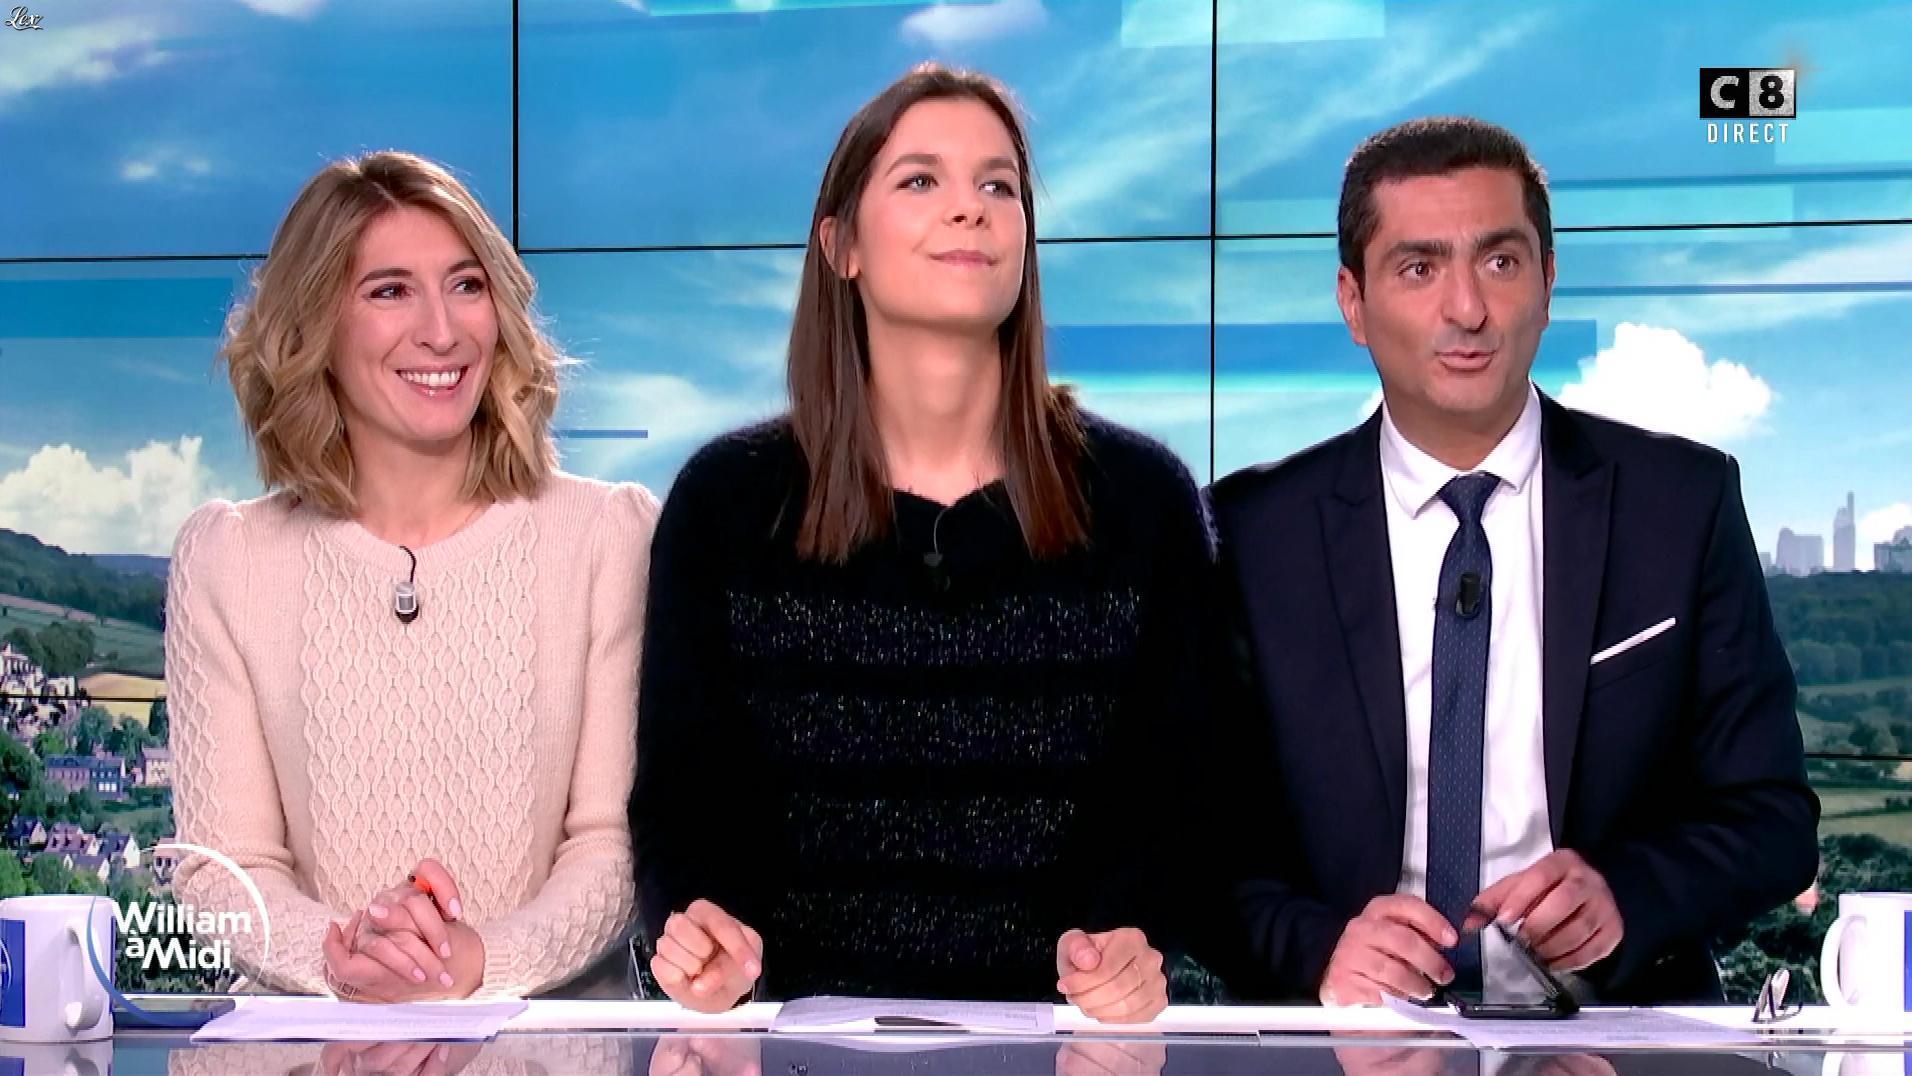 Caroline Delage et Raphaële Marchal dans William à Midi. Diffusé à la télévision le 19/12/19.